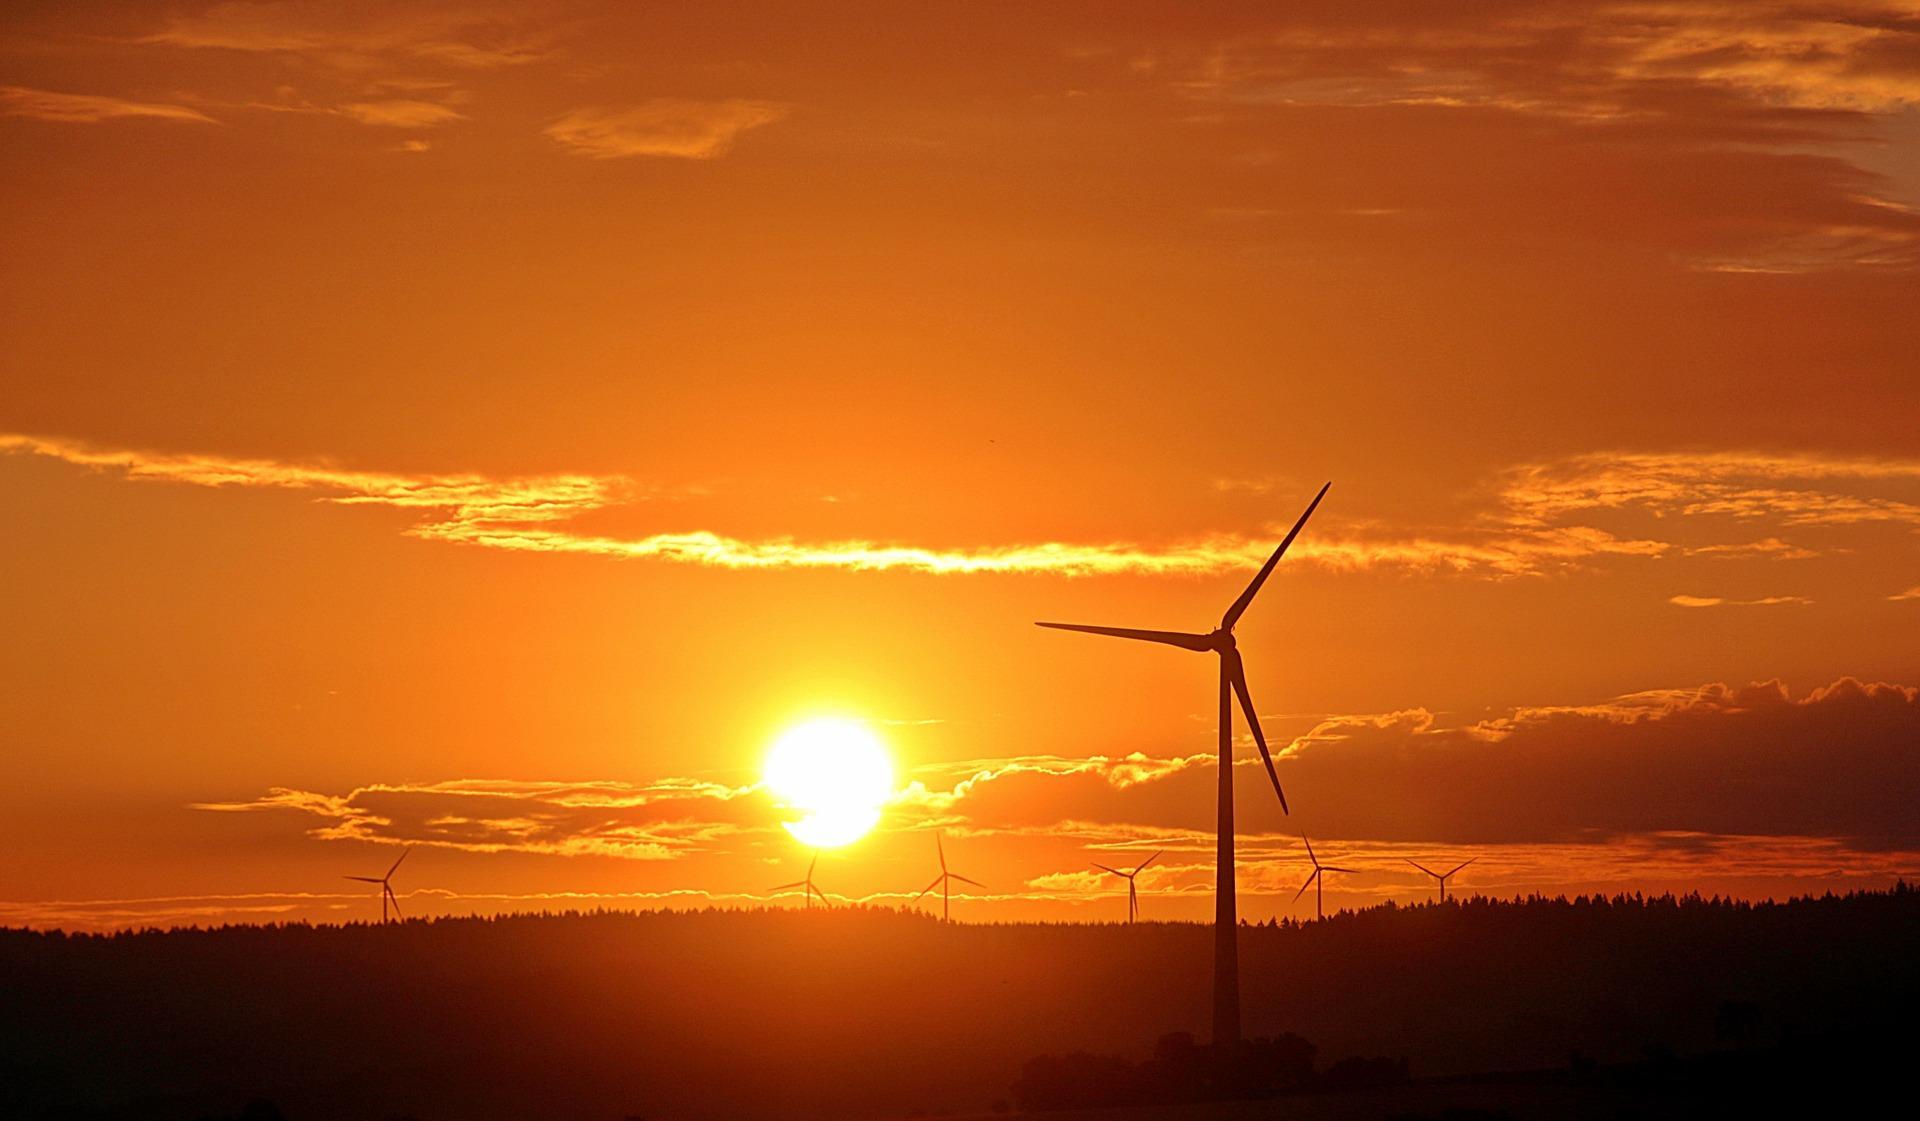 Pkw-Energieverbrauchskennzeichnungsverordnung